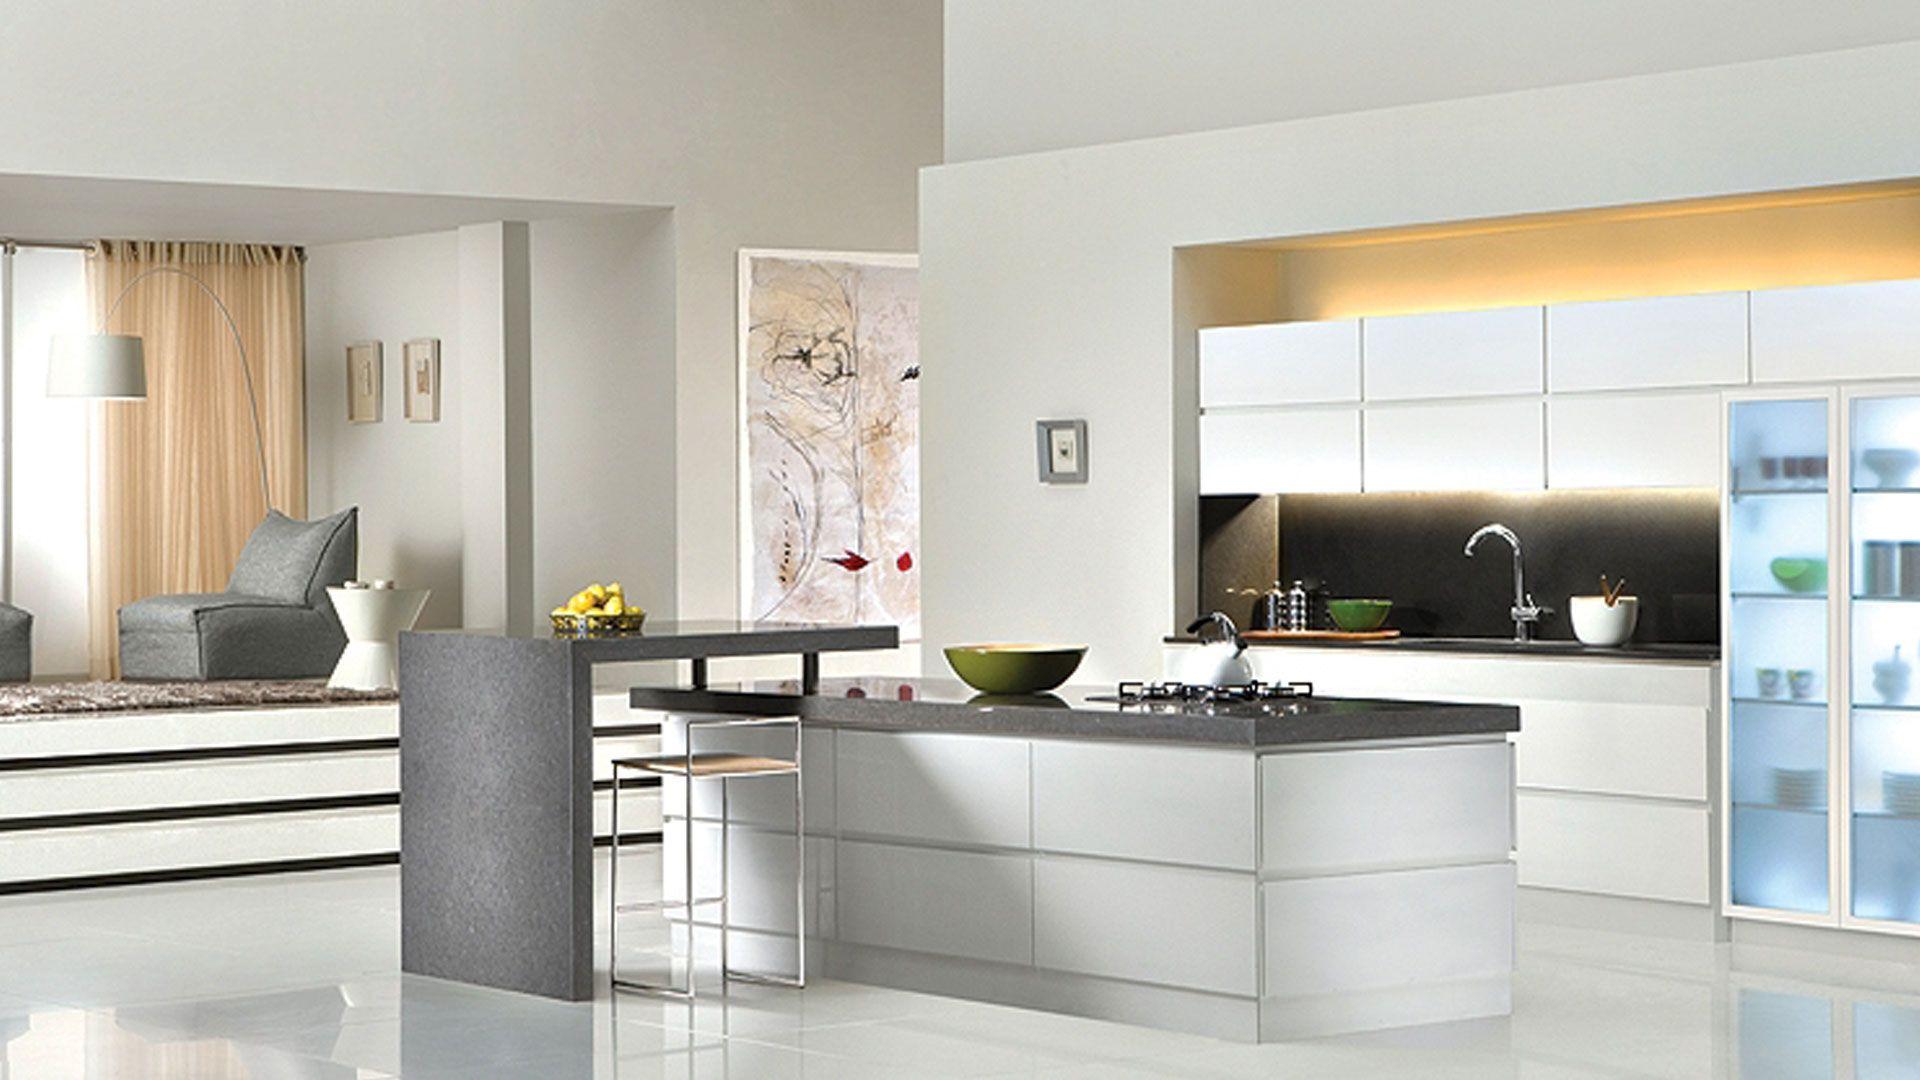 Tendencias cocinas 2013 cocina blanca | Kitchen | Pinterest | Cocina ...